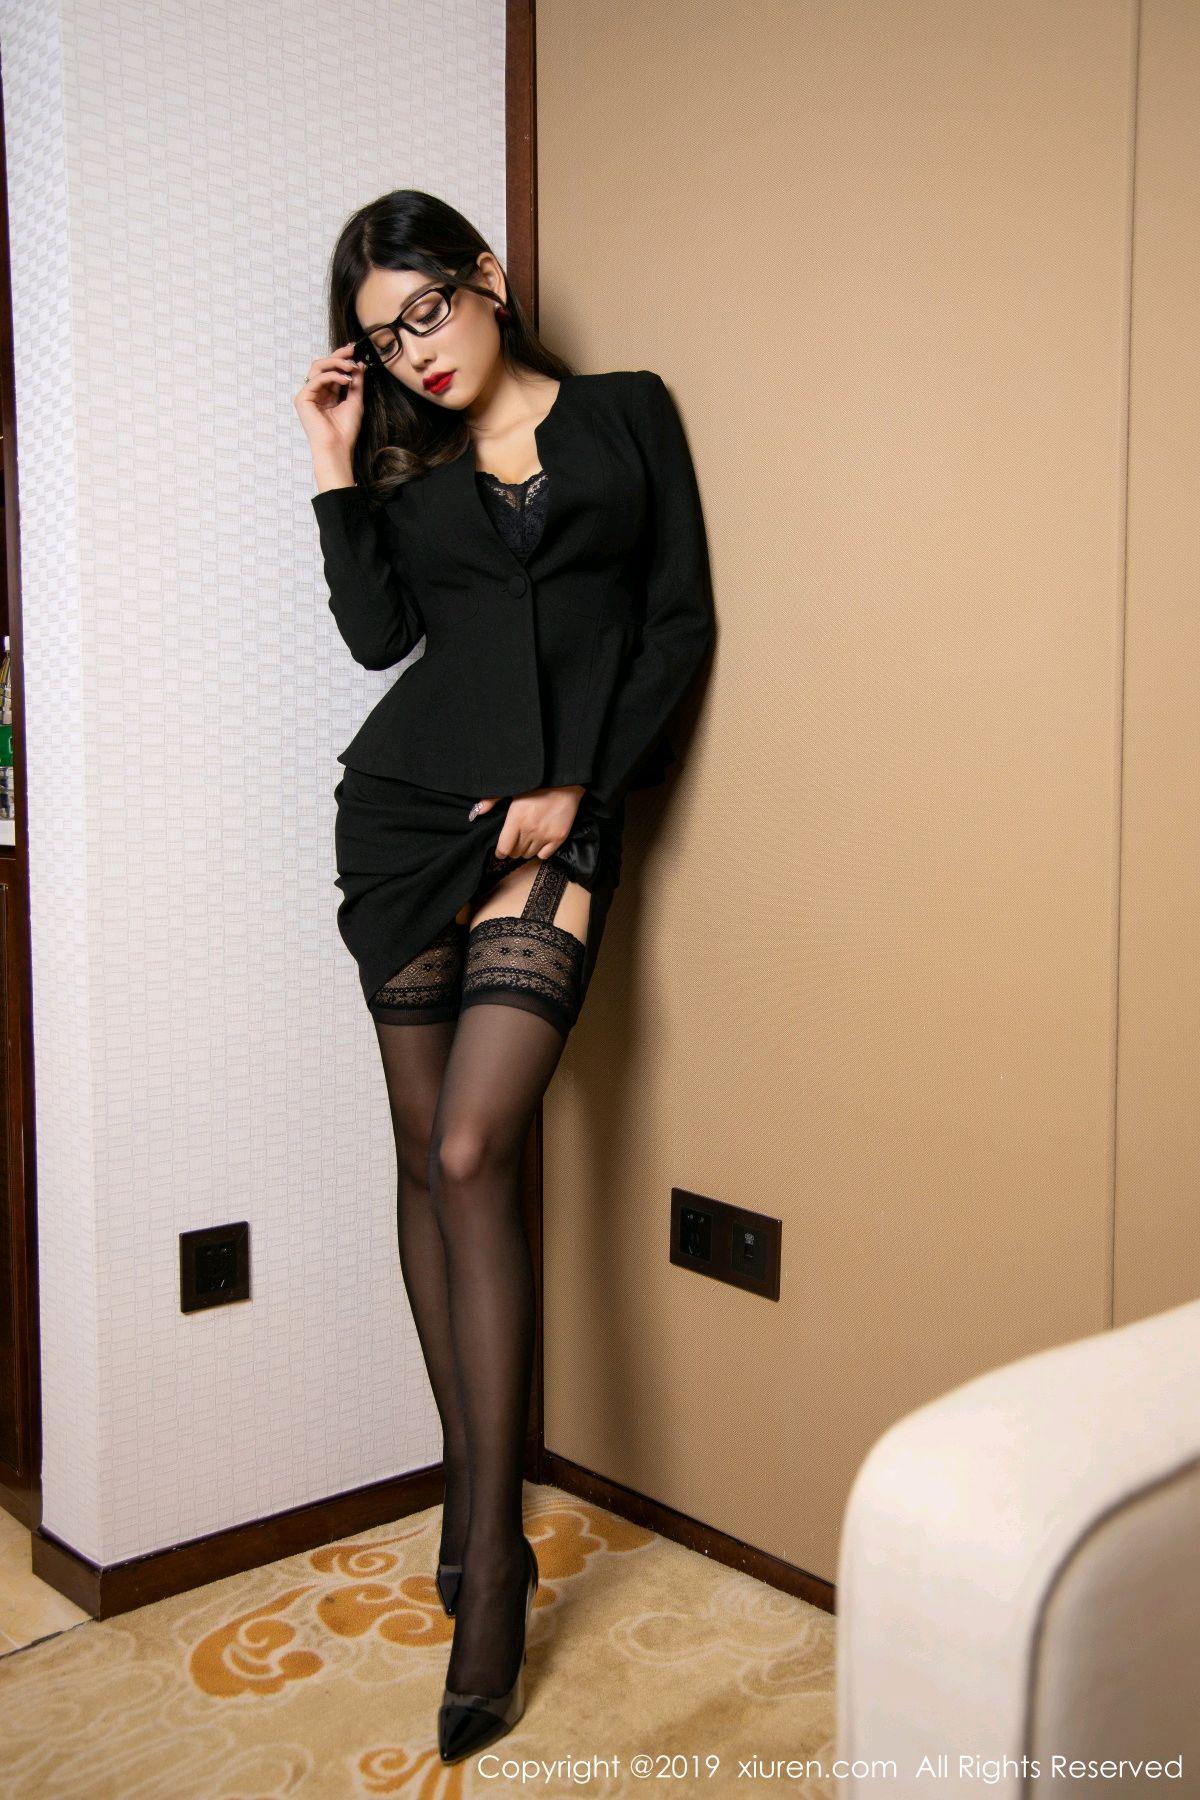 [XiuRen] Vol.1616 Yang Chen Chen 28P, Black Silk, Tall, Uniform, Xiuren, Yang Chen Chen